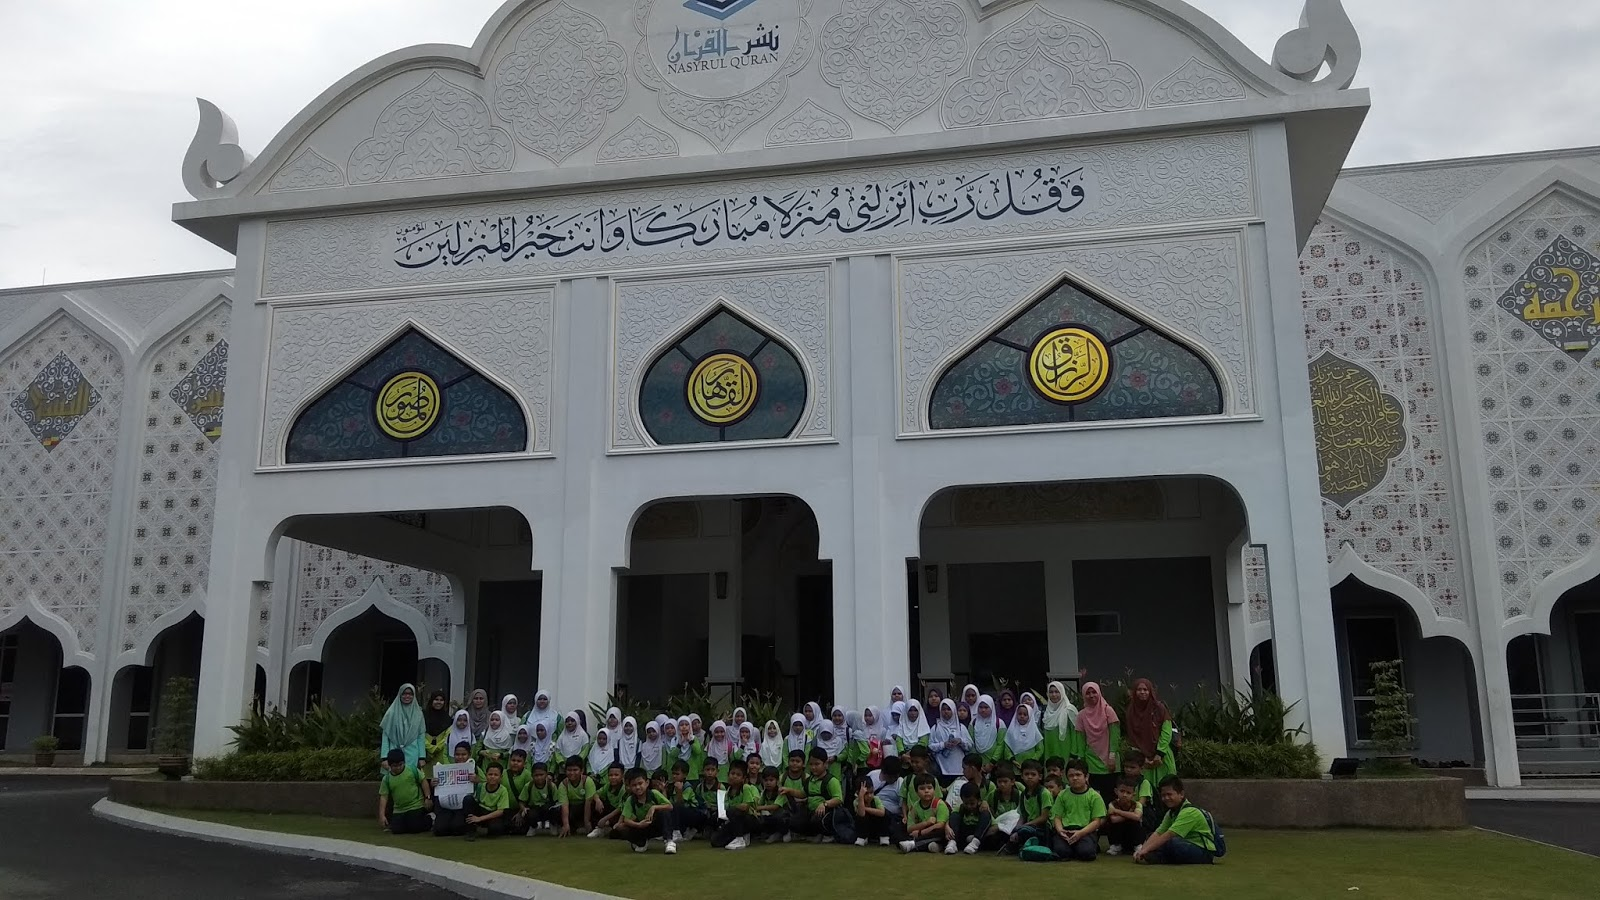 Lawatan Sehari Ke Putrajaya Bersama KAFA AlAnsar - Nasyrul Quran Lokasi Menarik Yang Mesti Dikunjungi